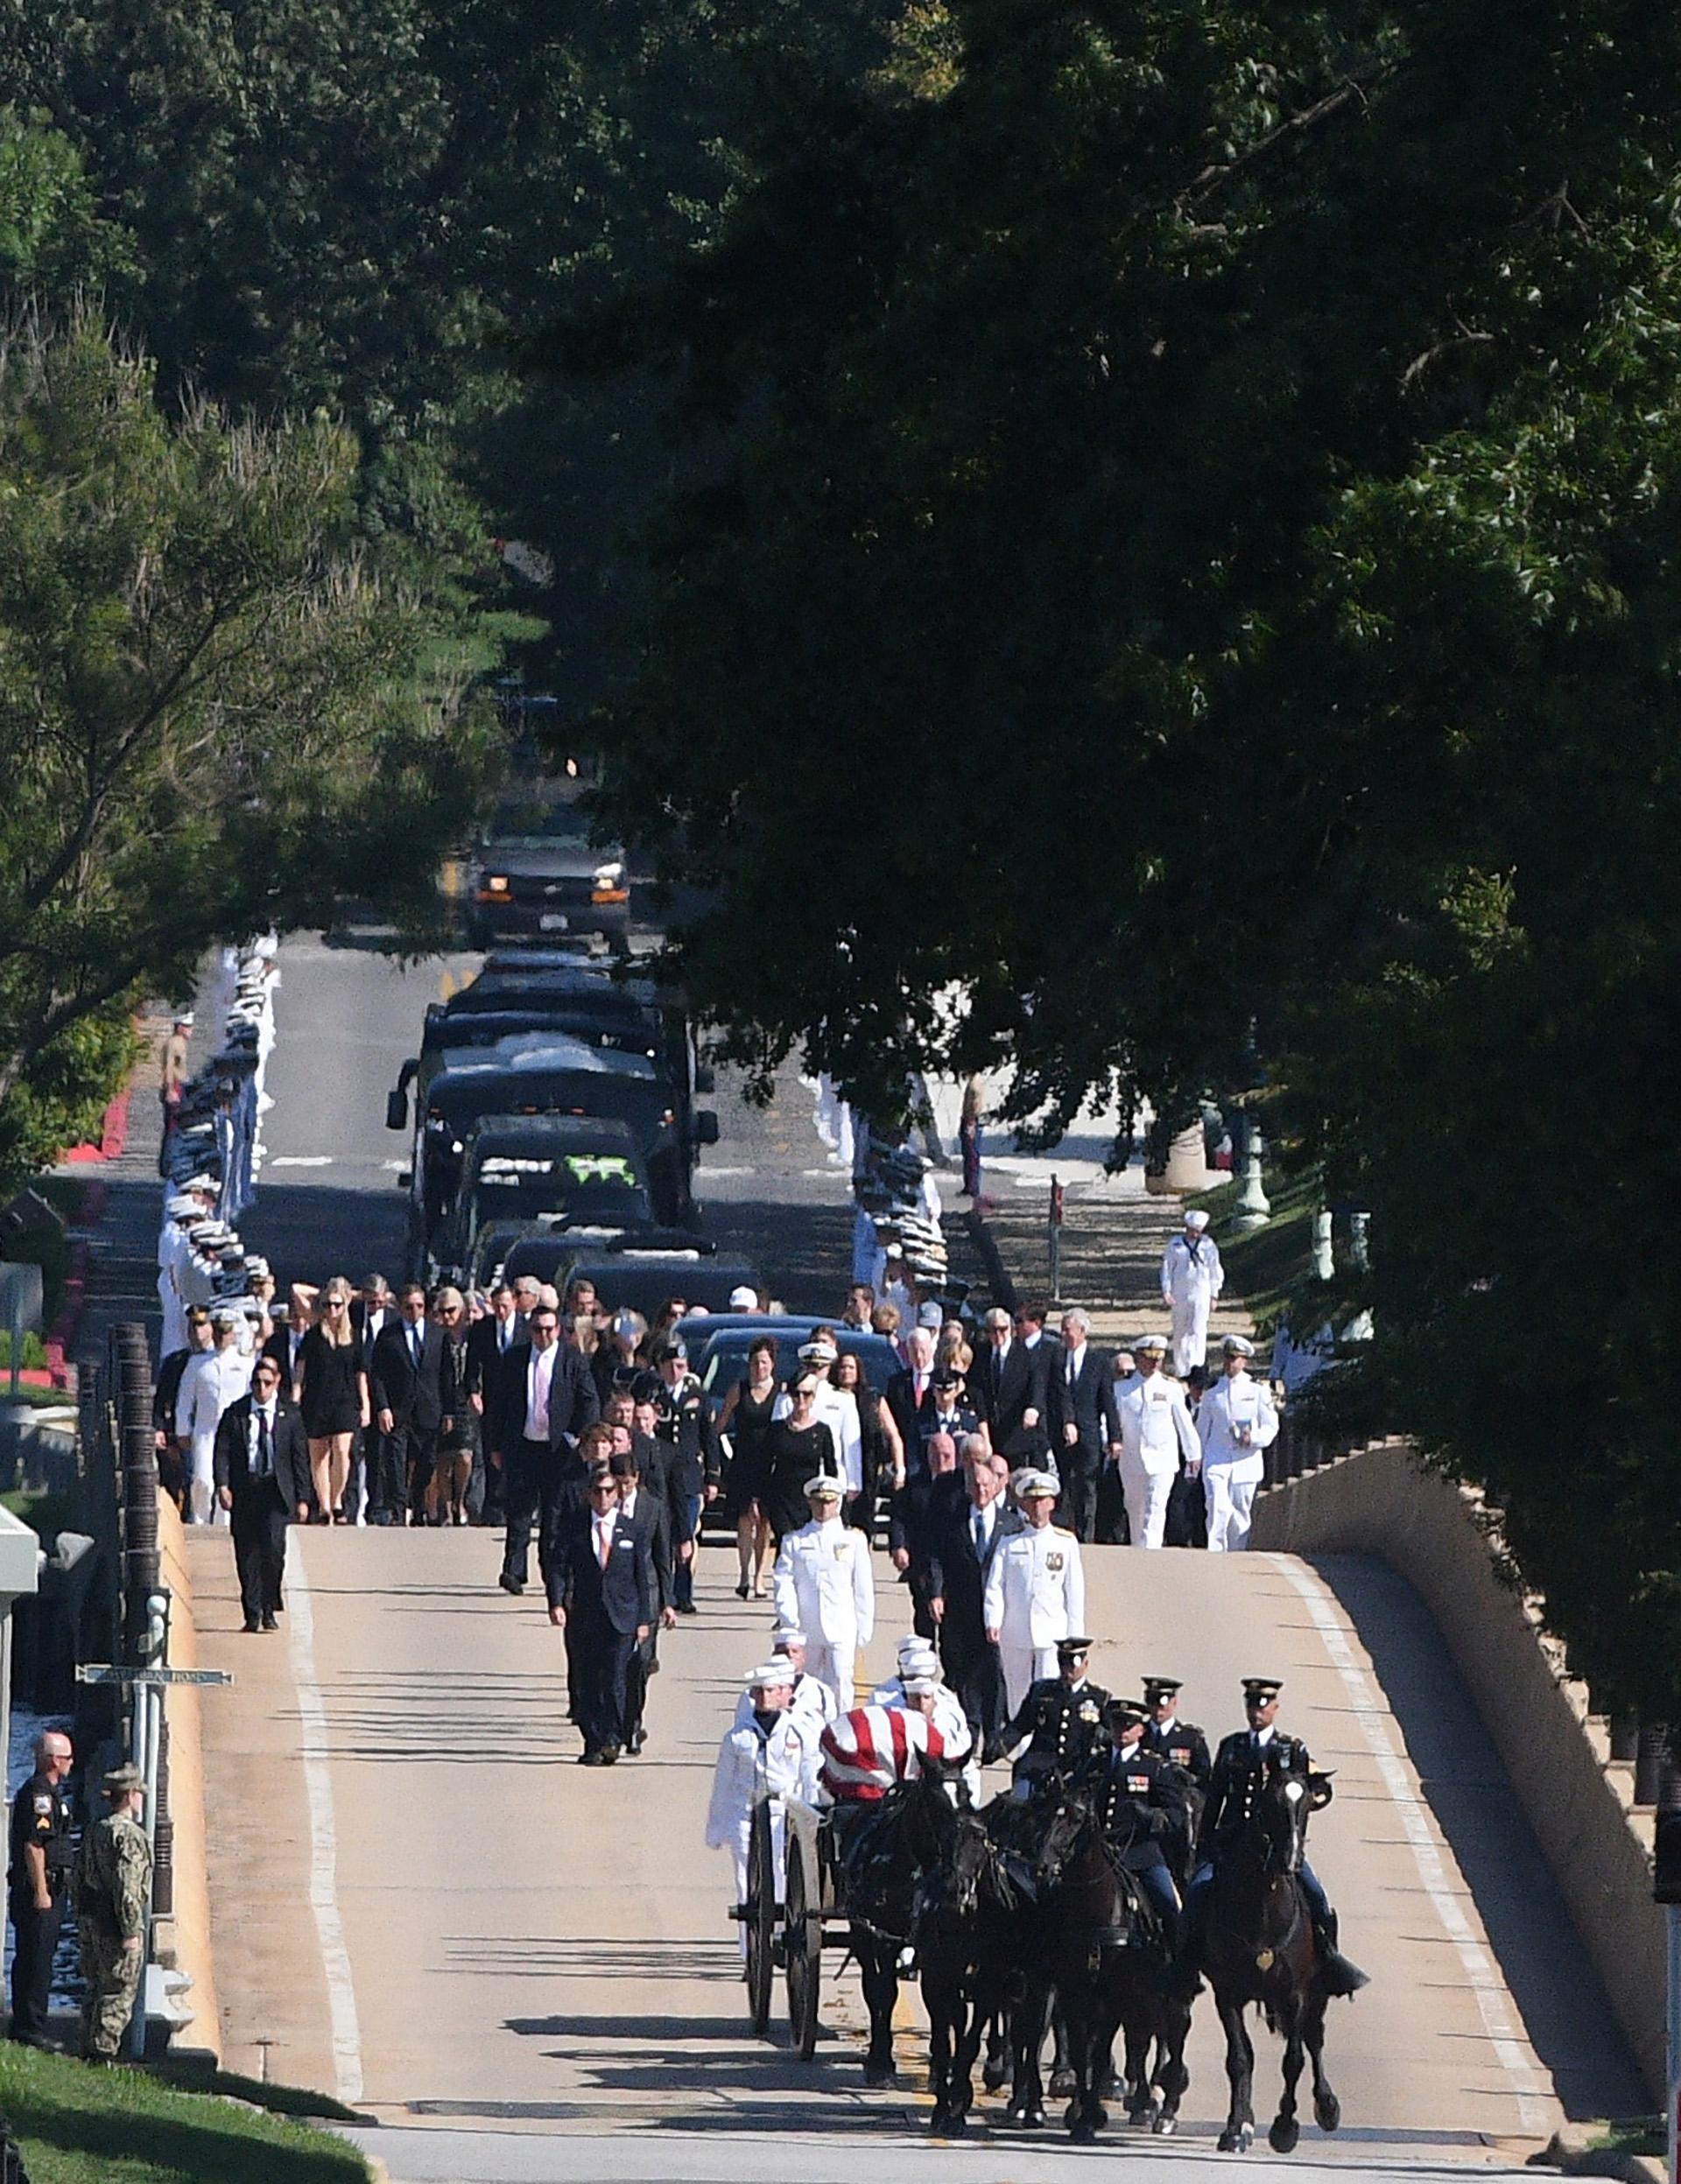 La procesión fúnebre se dirige al cementerio de Annapolis(REUTERS/Mary F. Calvert)